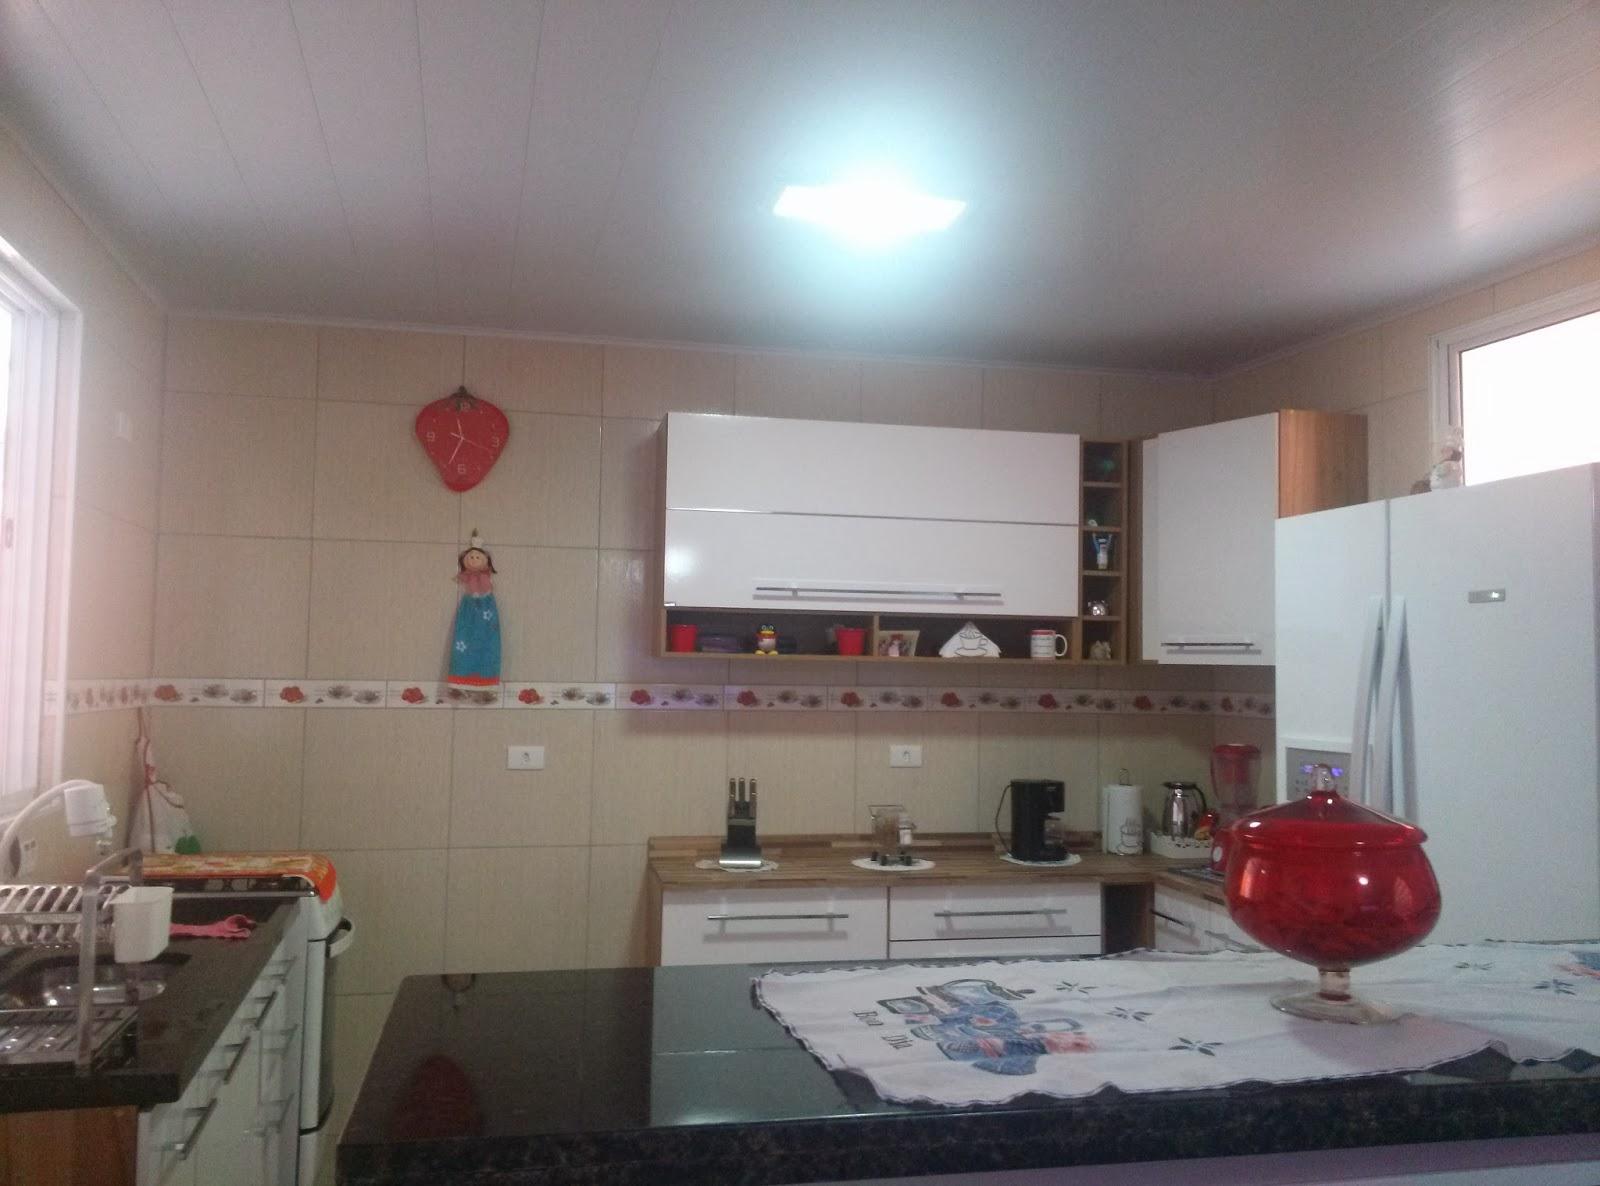 Wibamp Com Cozinha Planejada Usada A Venda Id Ias Do Projeto Da